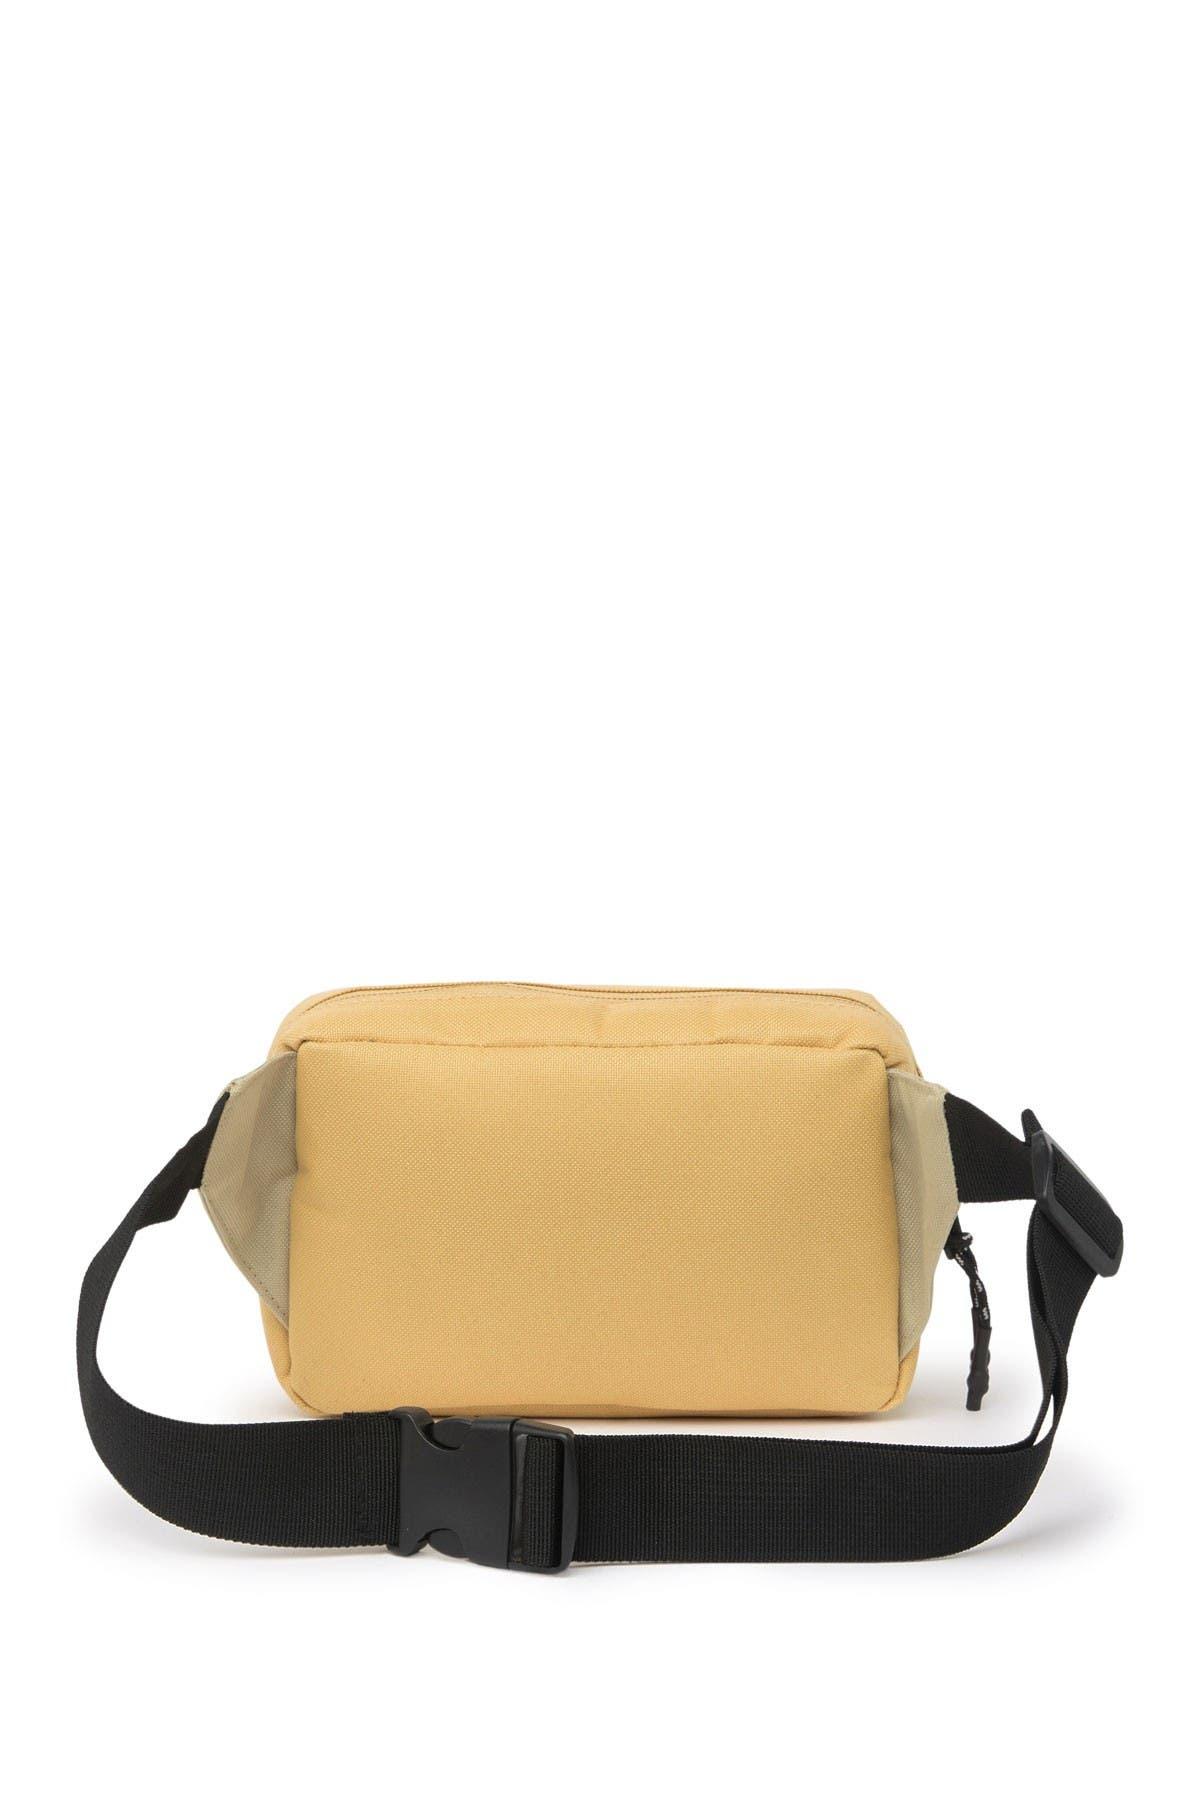 Image of Hex Accessories Belt Bag